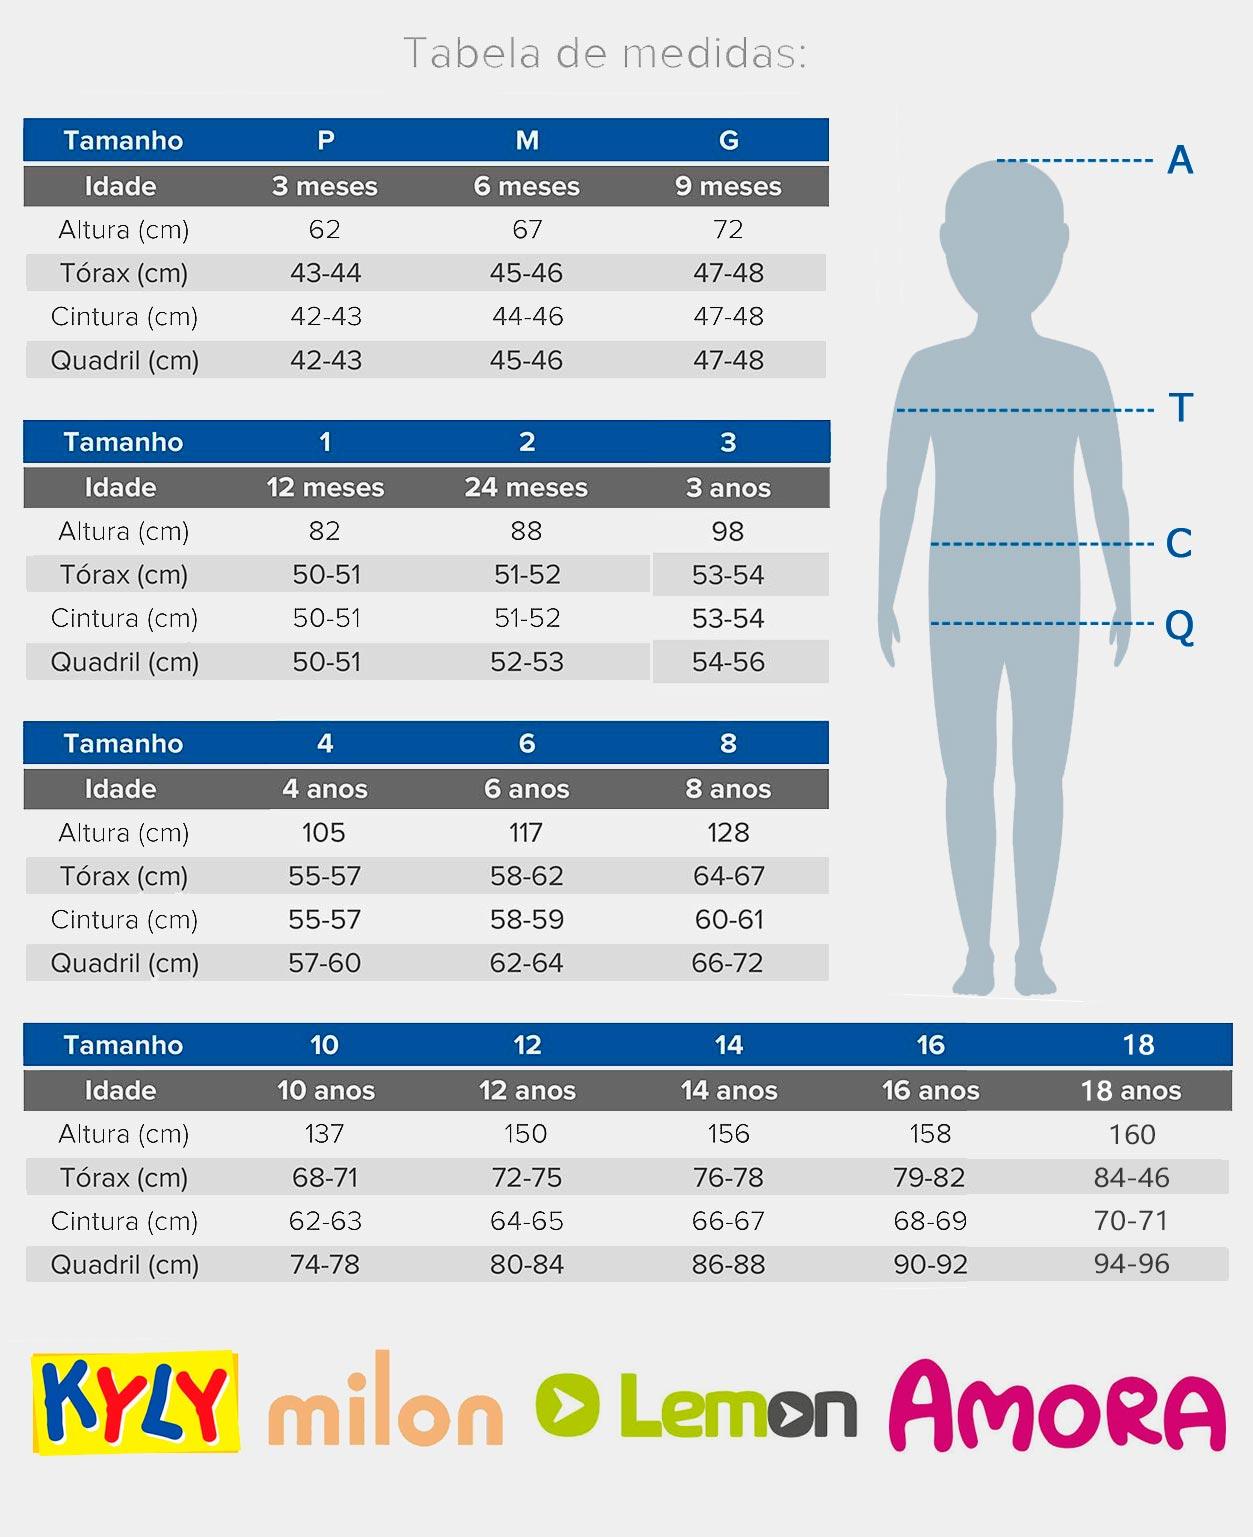 Vestido Infantil Curto Amarelo Melancias - Kyly: Tabela de medidas